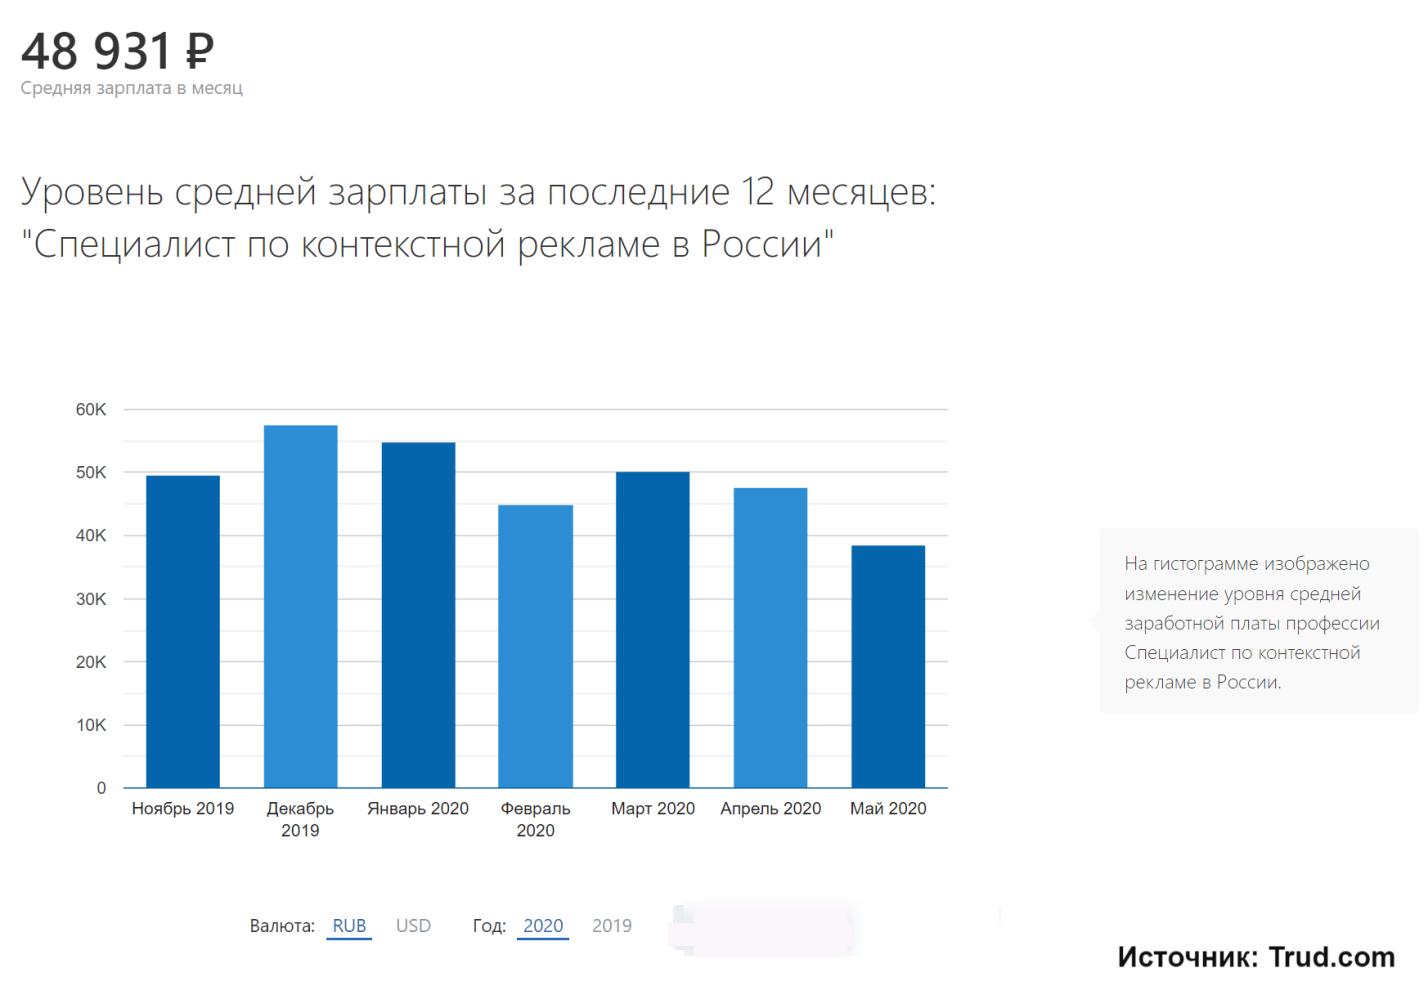 Средний уровень зарплаты специалиста по контекстной рекламе в России